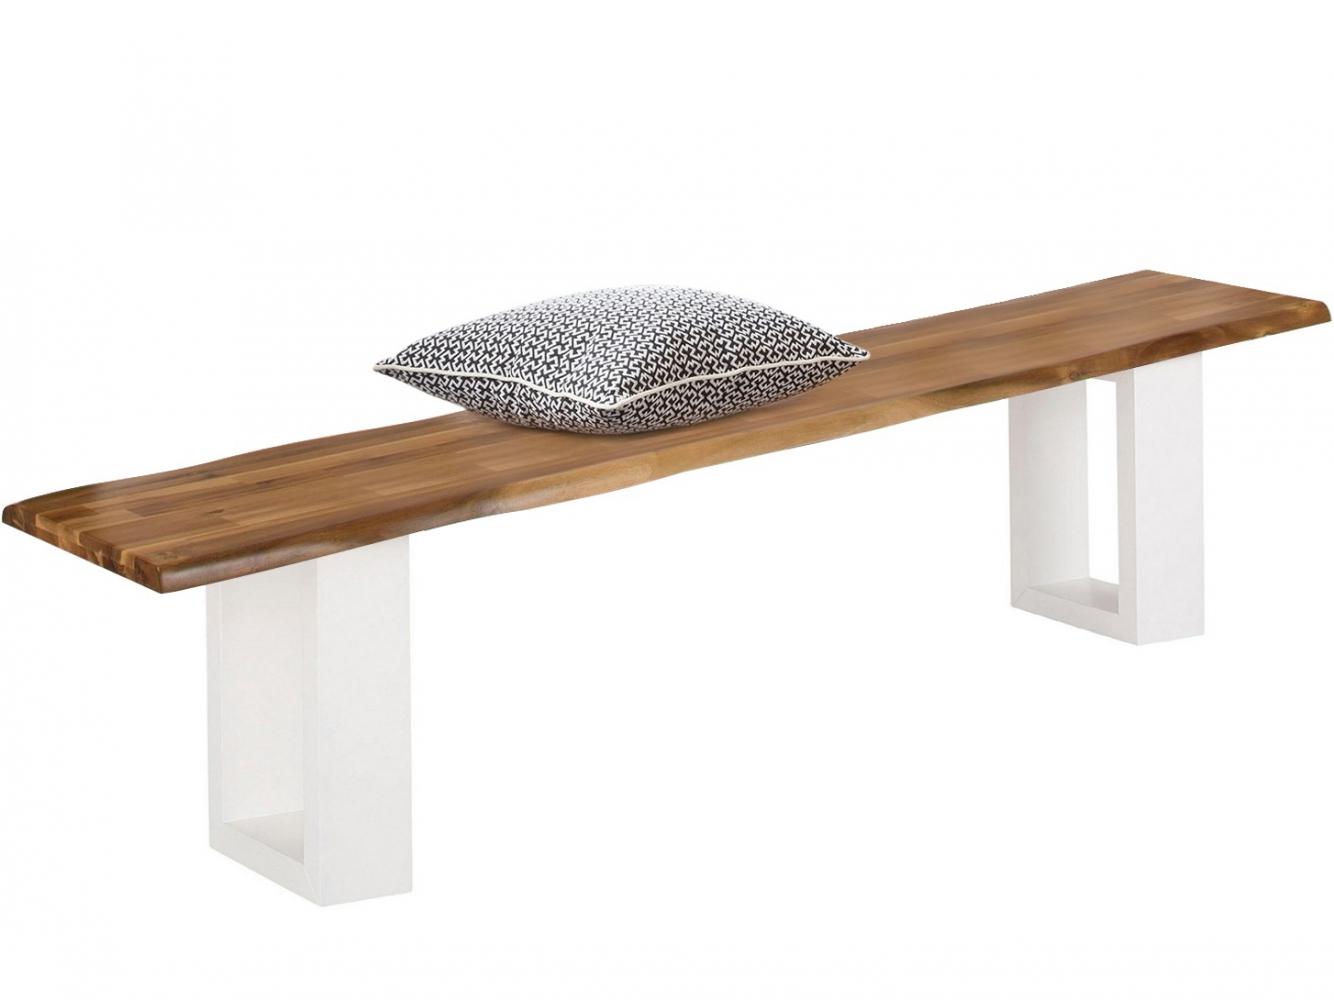 Jídelní lavice Melina, 200 cm, masivní akát / bílá